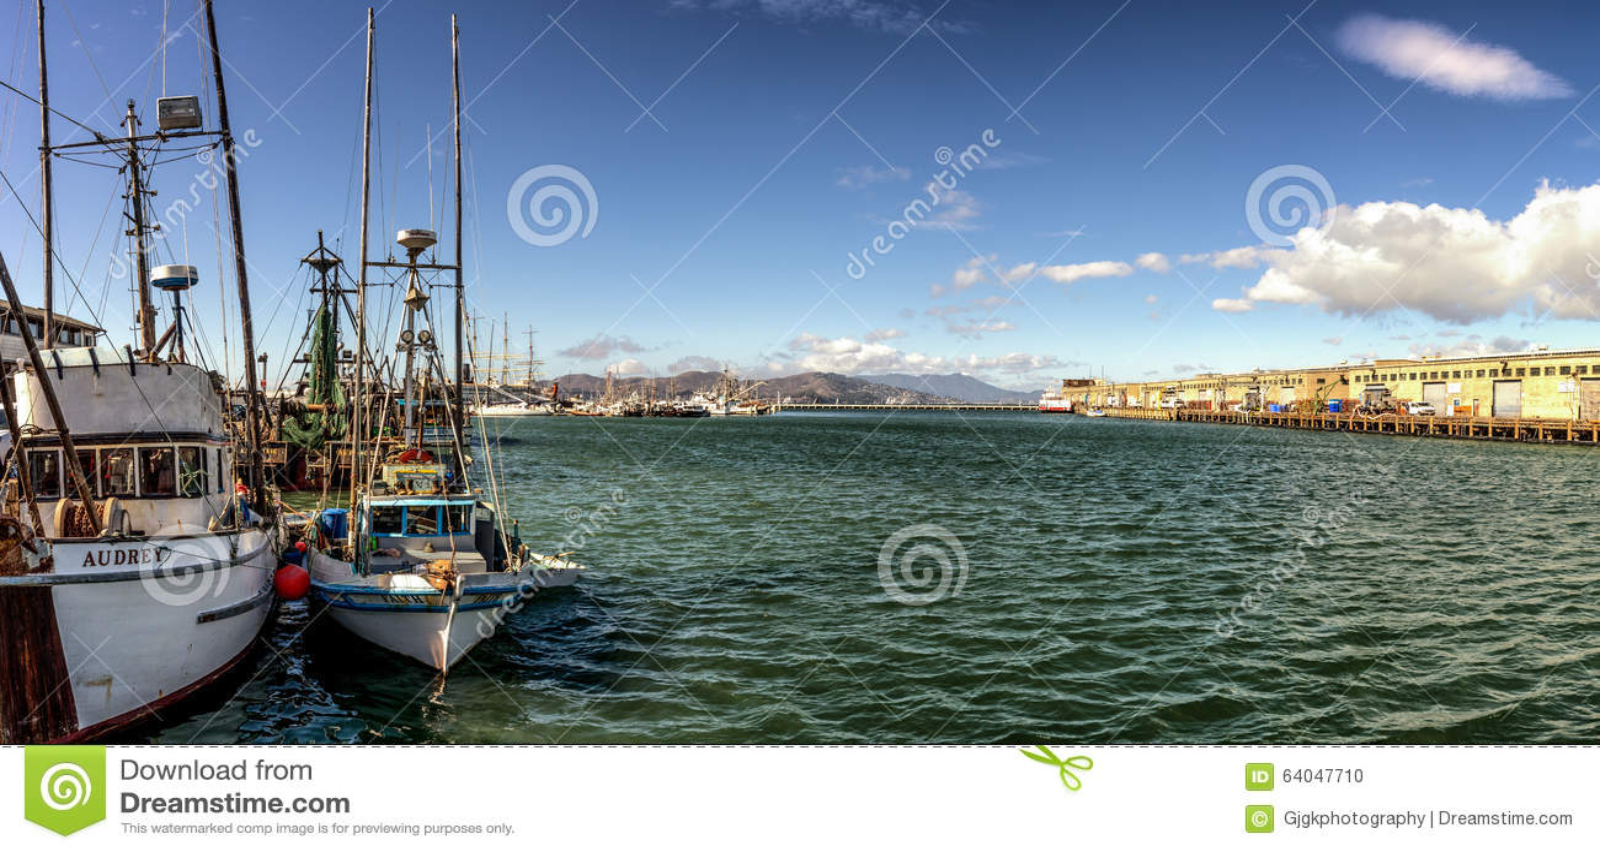 San francisco bay fishing boats pano editorial image for Sf bay fishing report